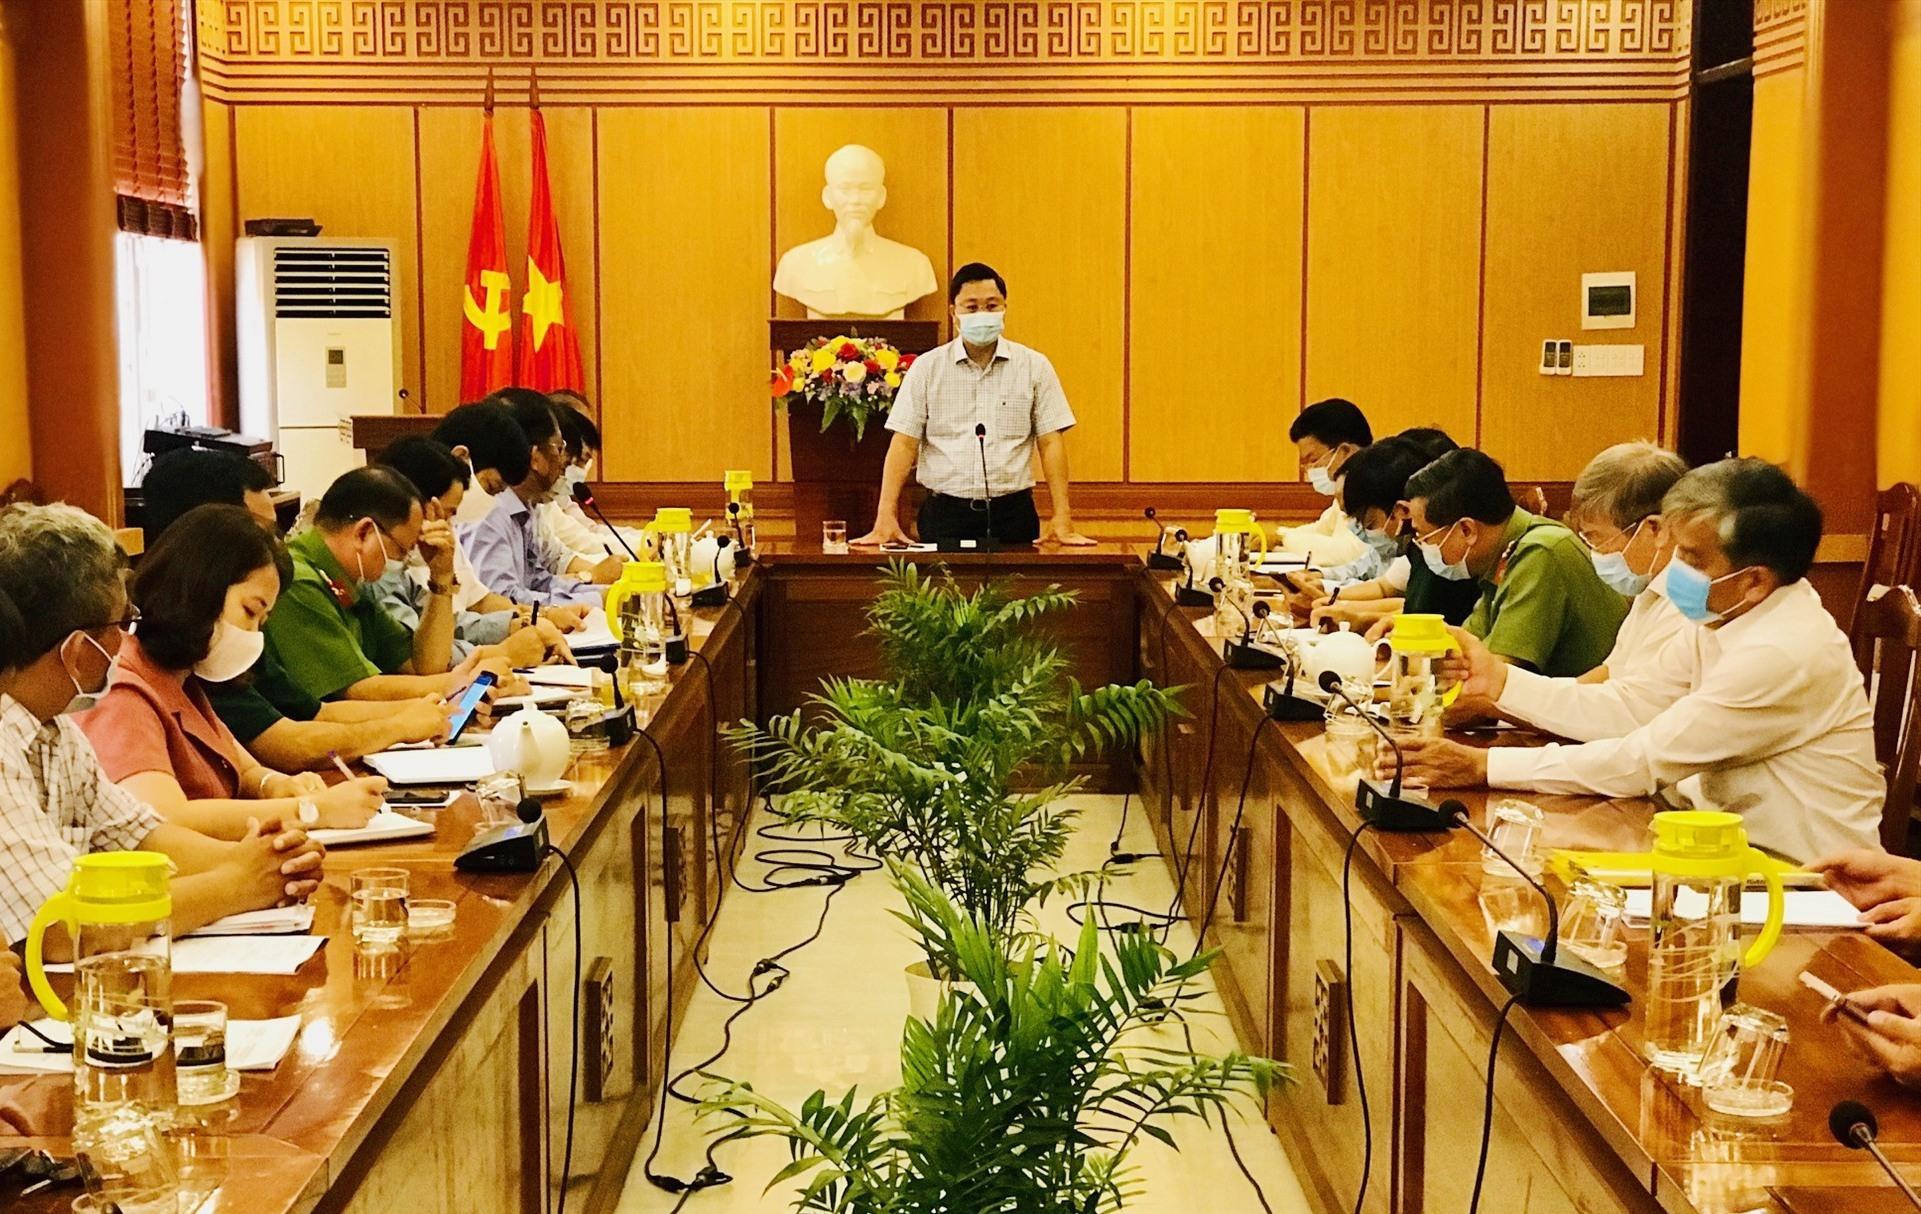 Chủ tịch UBND tỉnh Lê Trí Thanh chủ trì buổi làm việc với lãnh đạo TP.Hội An về công tác phòng, chống dịch Covid-19. Ảnh: Q.T